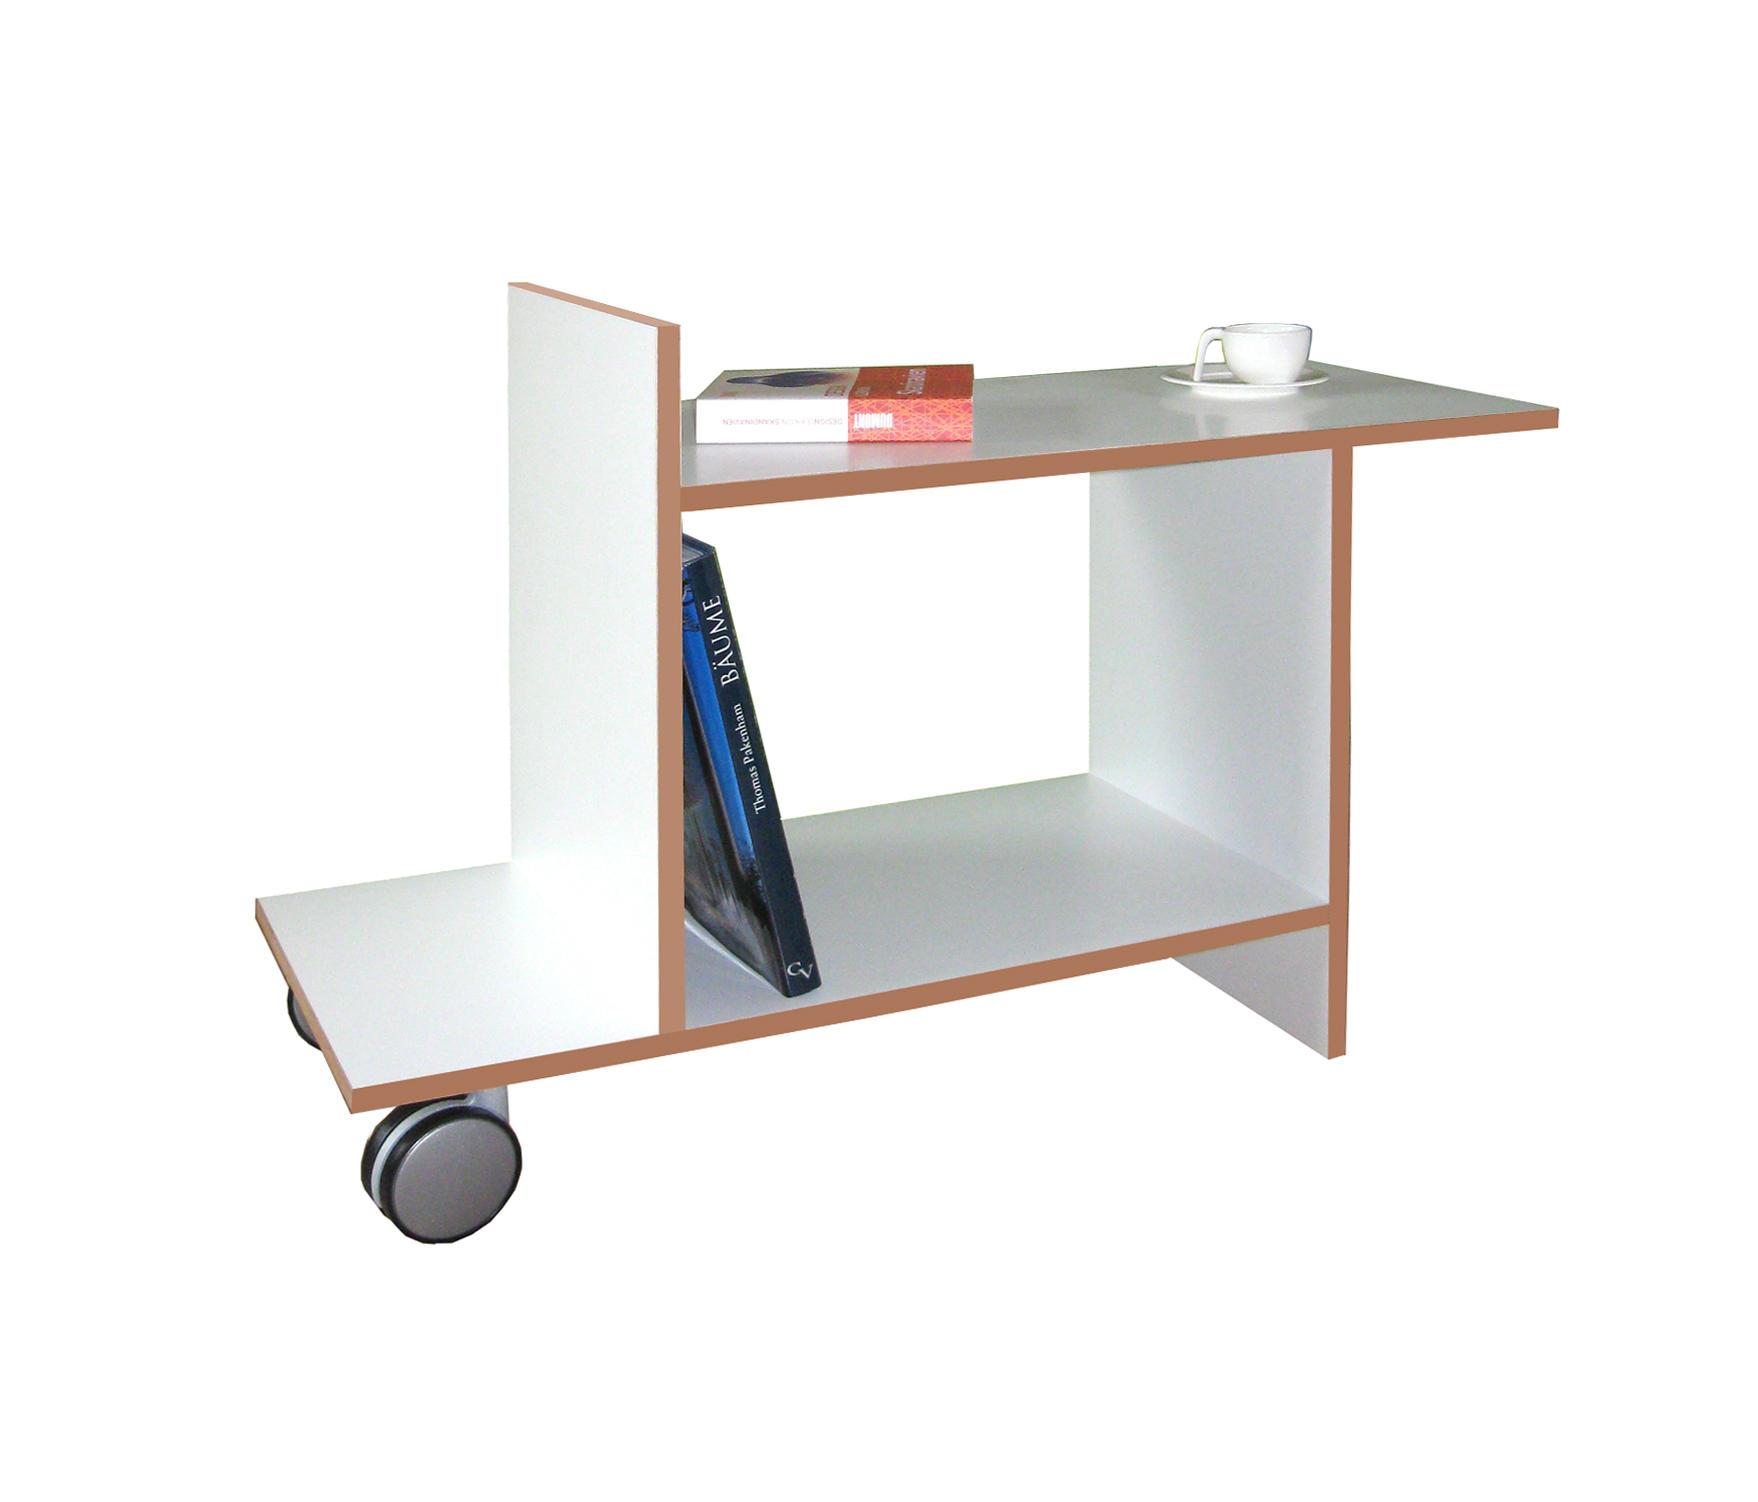 tojo freund beistelltische von tojo m bel architonic. Black Bedroom Furniture Sets. Home Design Ideas